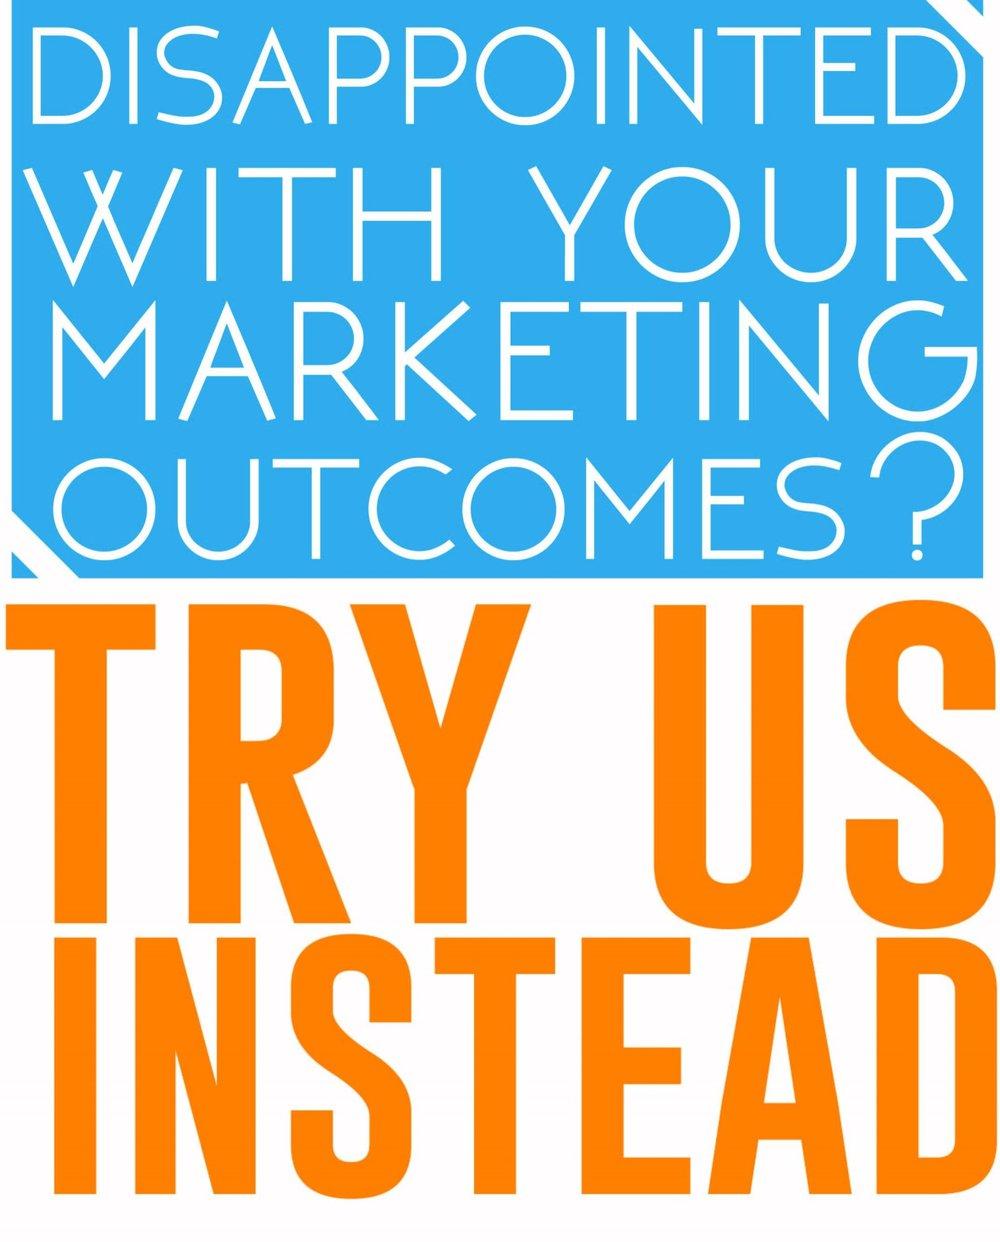 http://www.qstrategies.com/contact-1/